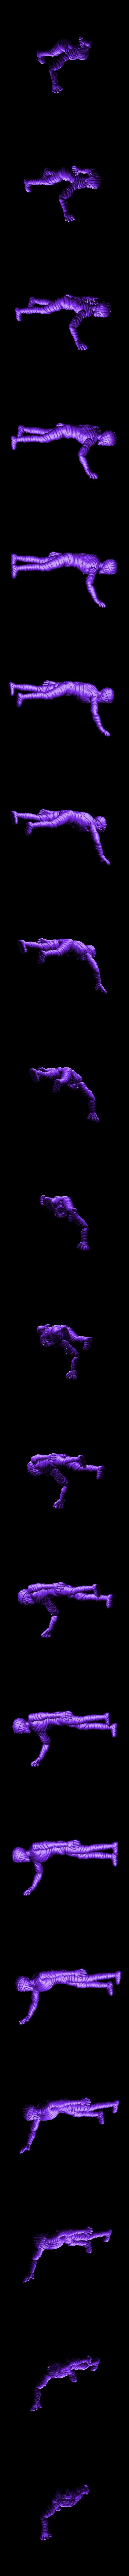 mummy2SOLID.stl Download free STL file Mummy - 28mm D&D miniature • 3D printable object, pyrokahd